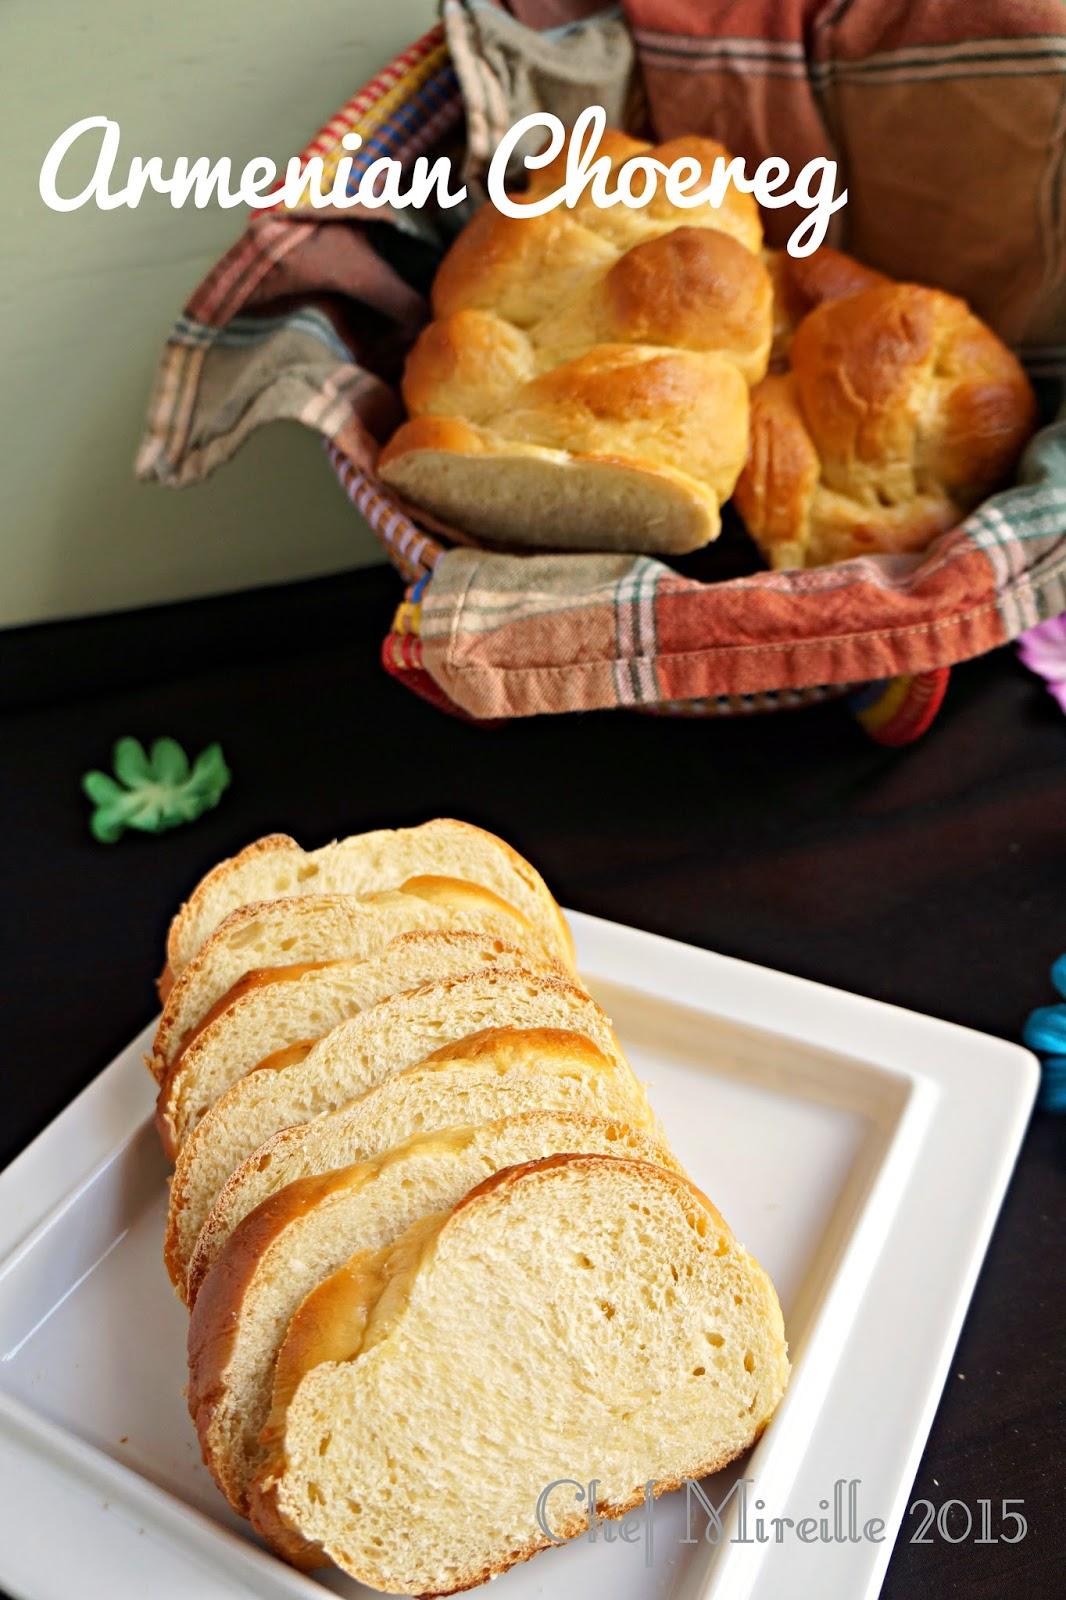 Choereg, Easter Bread, Armenian Bread